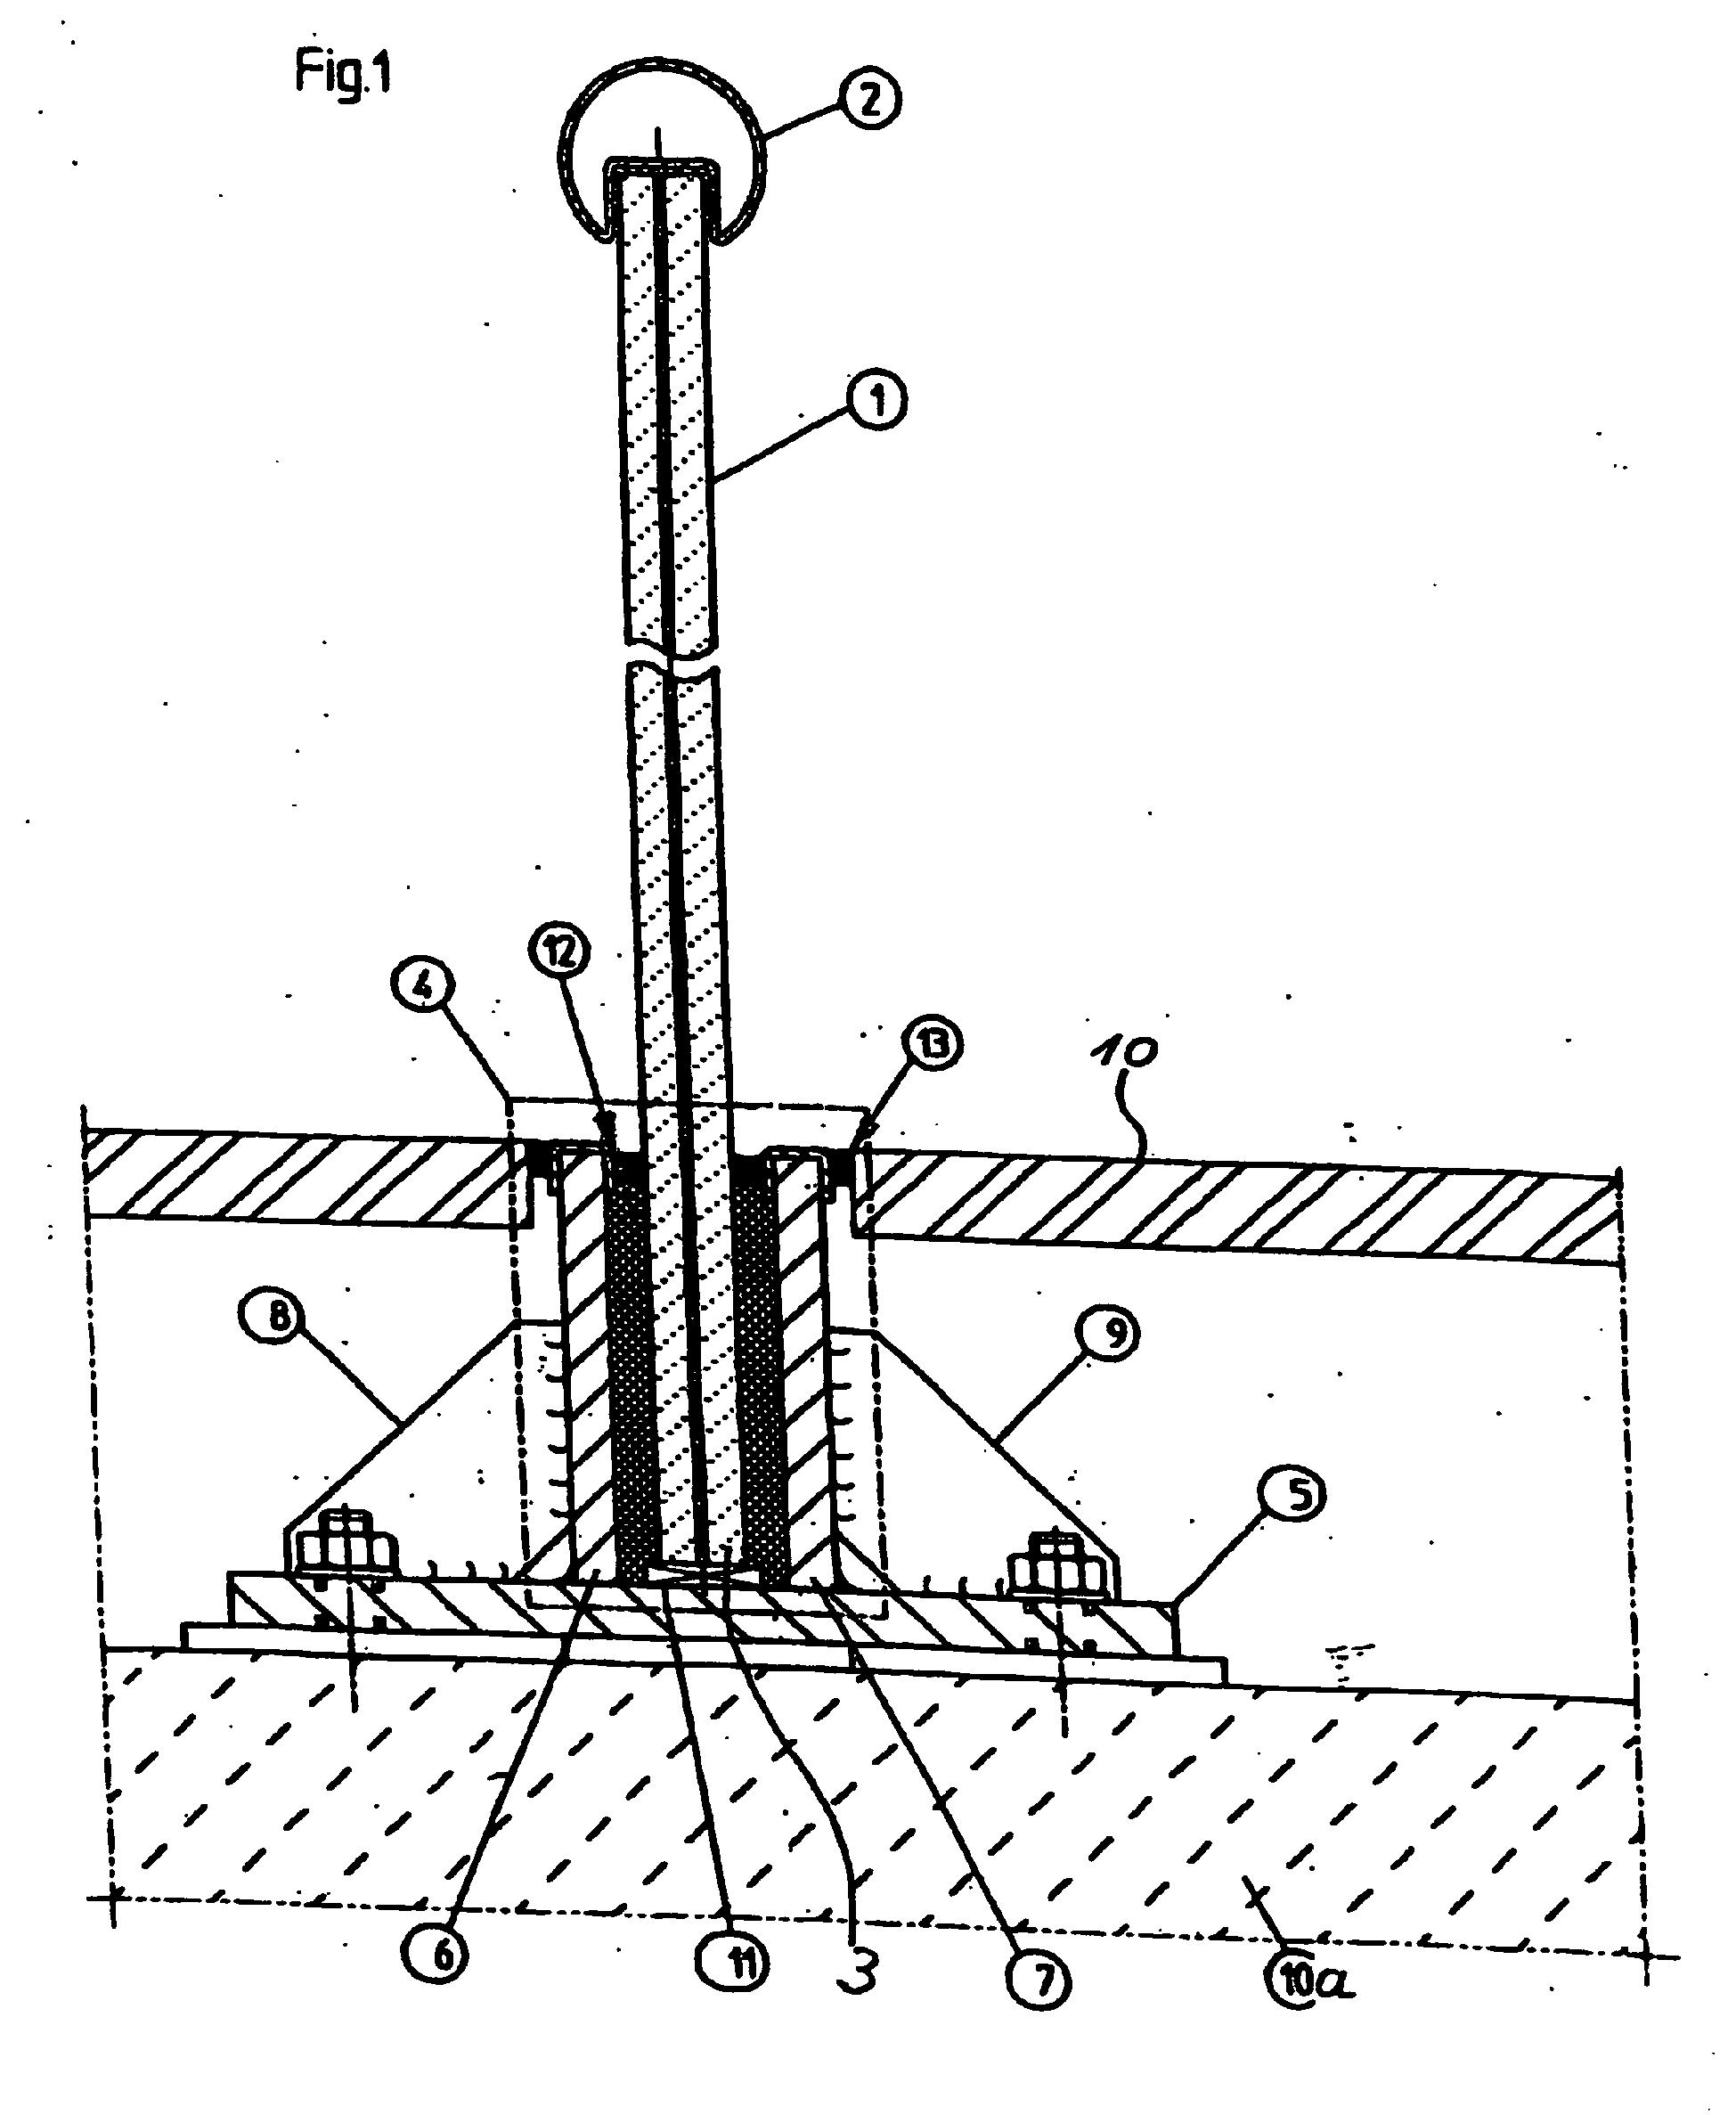 Ciatiation machine